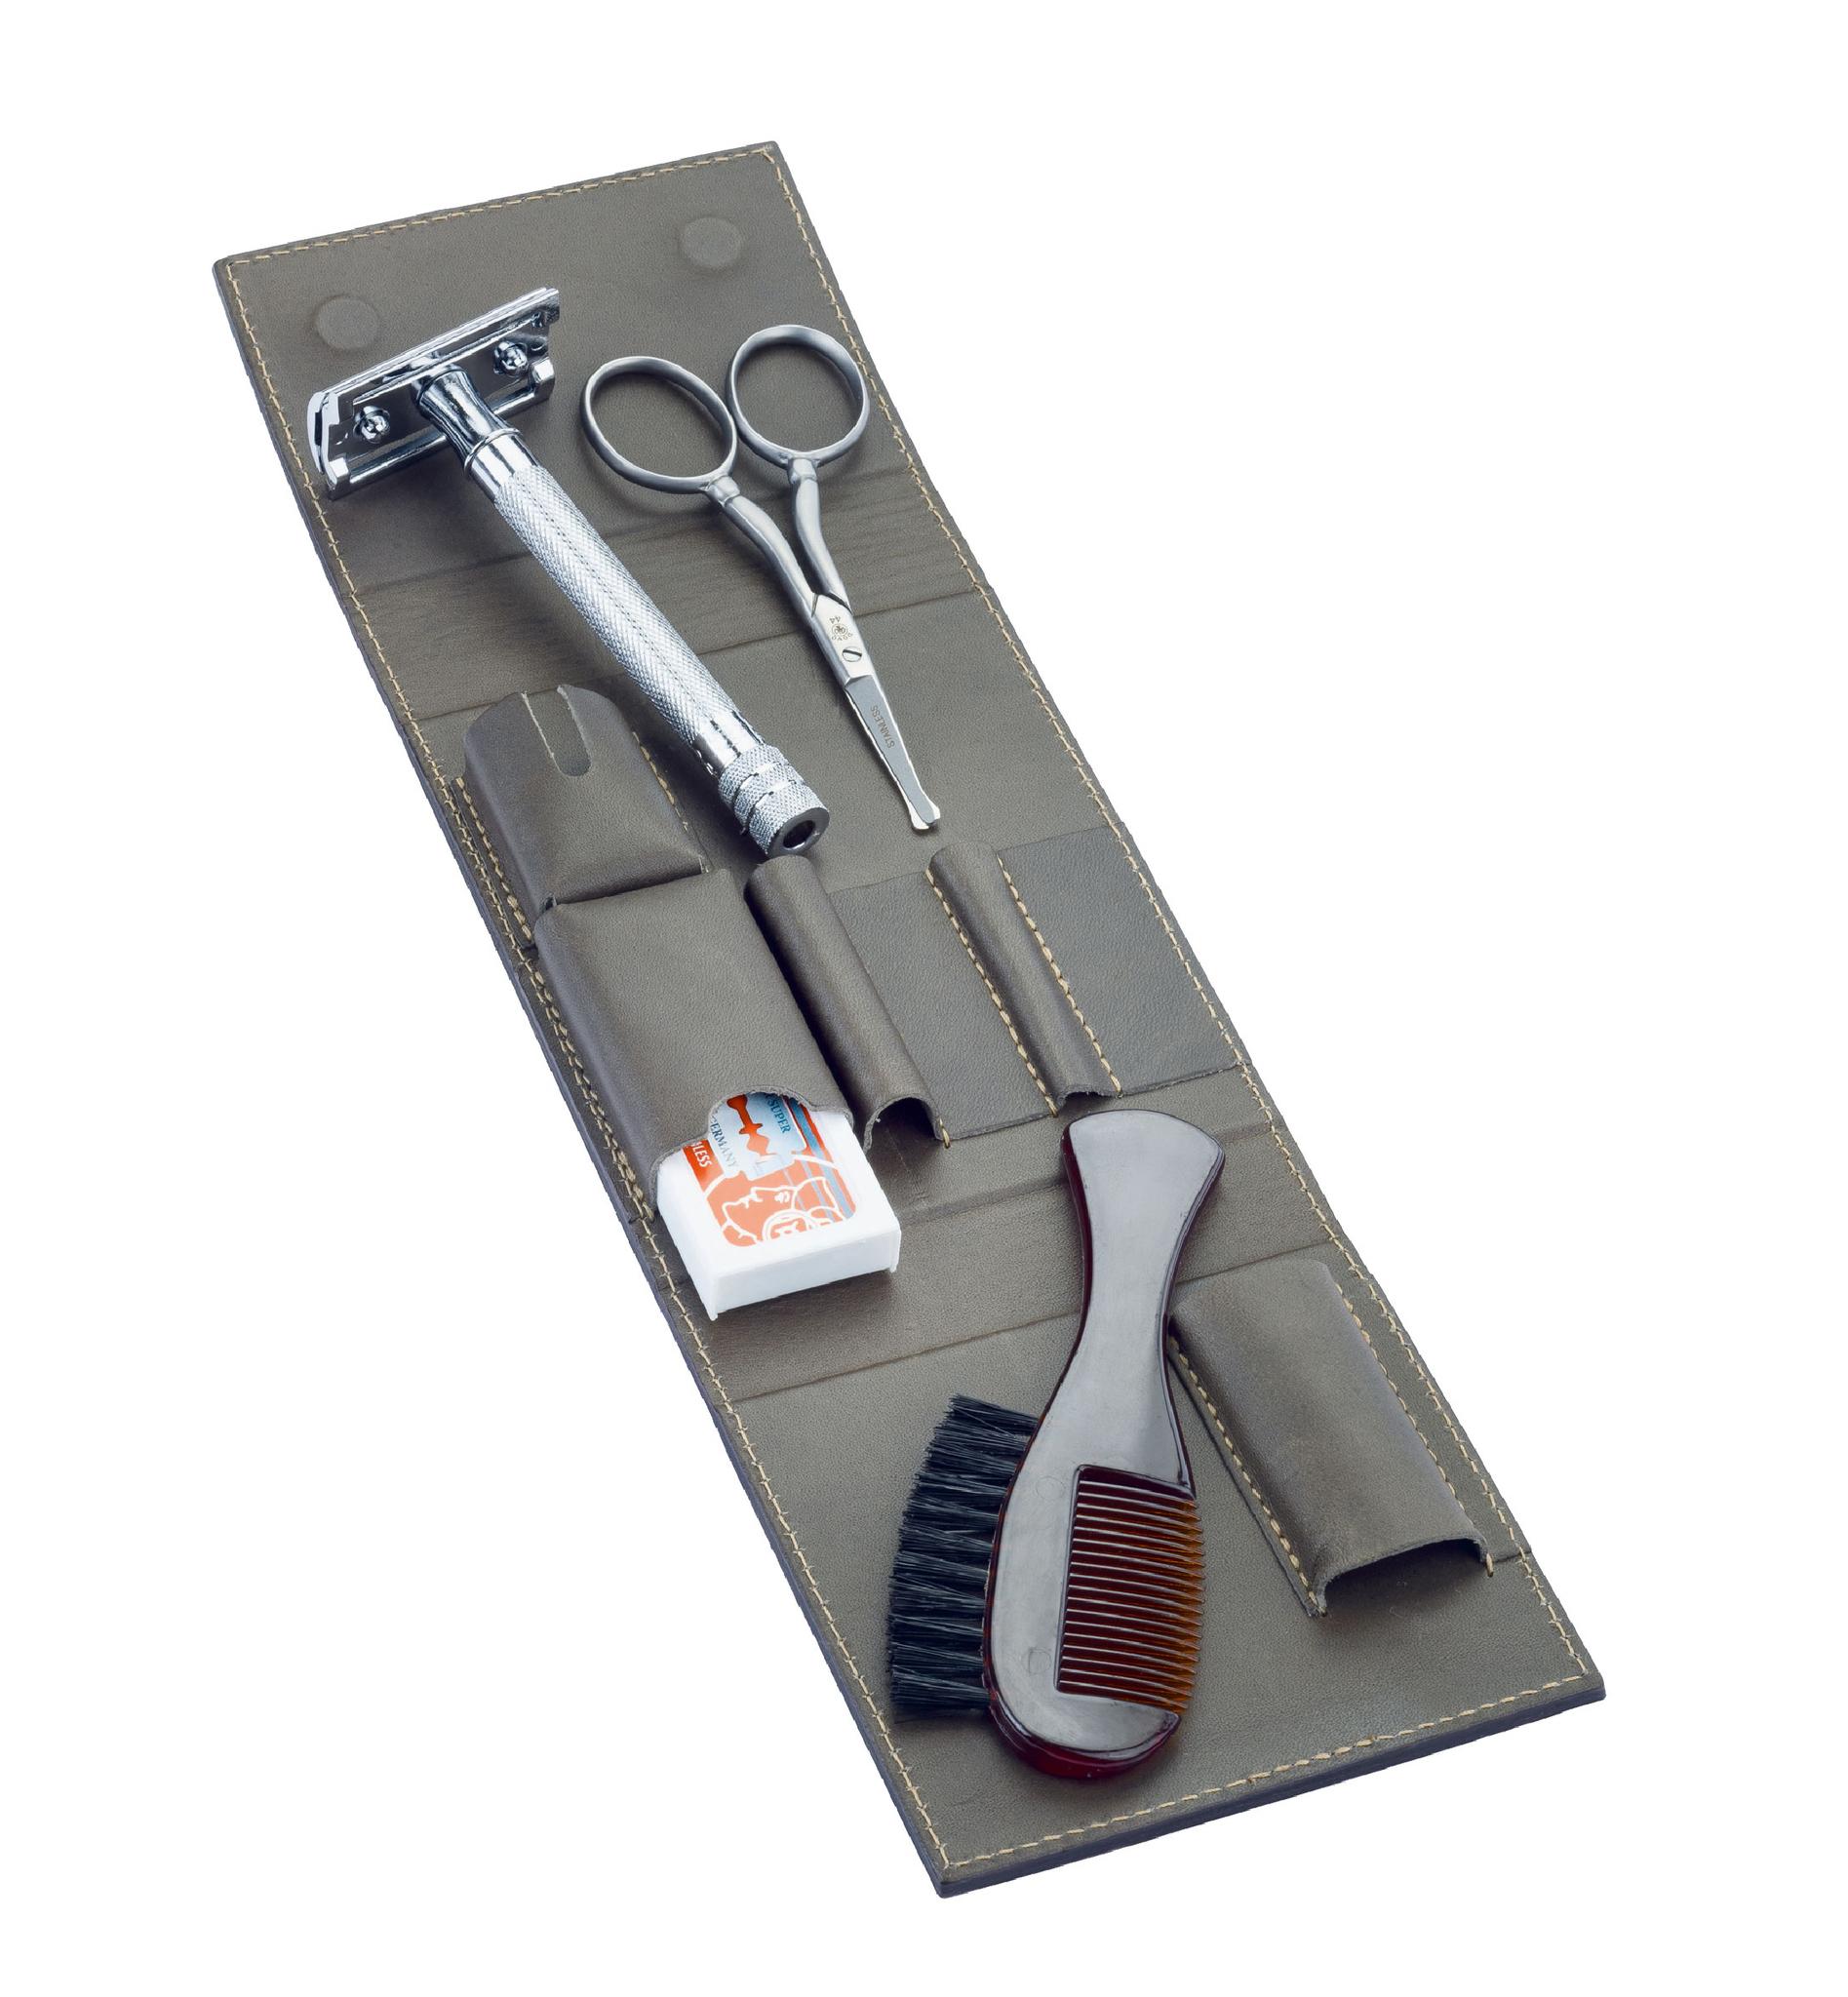 Набор бритвенный дорожный Dovo, 4 предмета, кожаный футляр